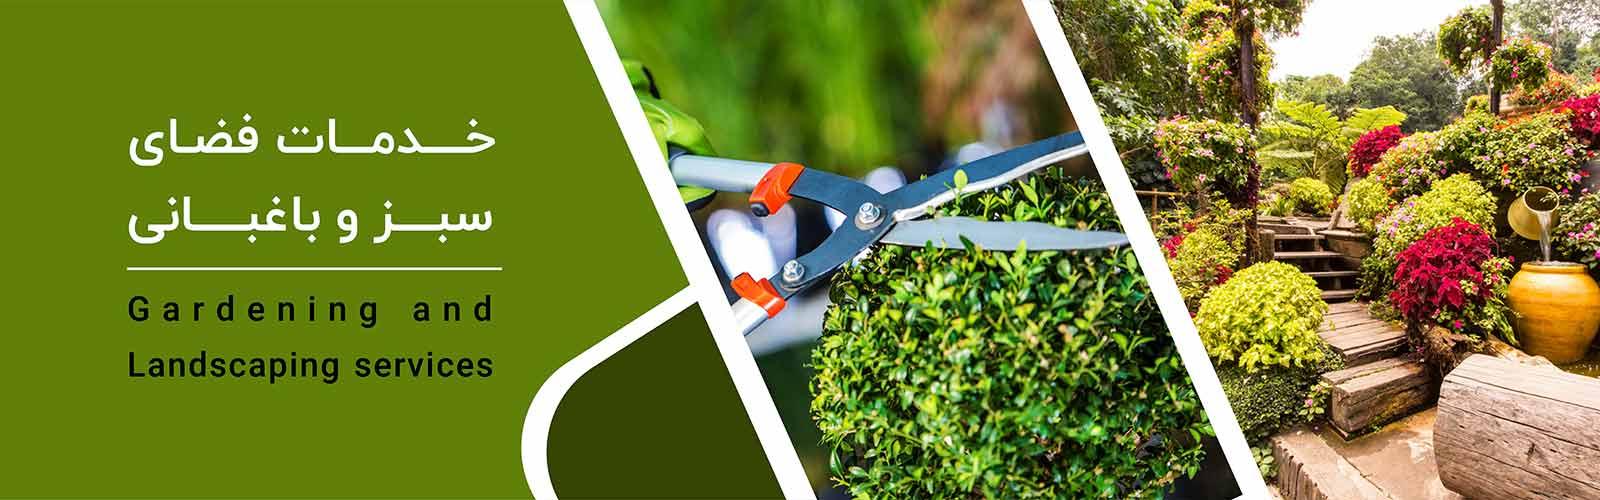 خدمات باغبانی و فضای سبز